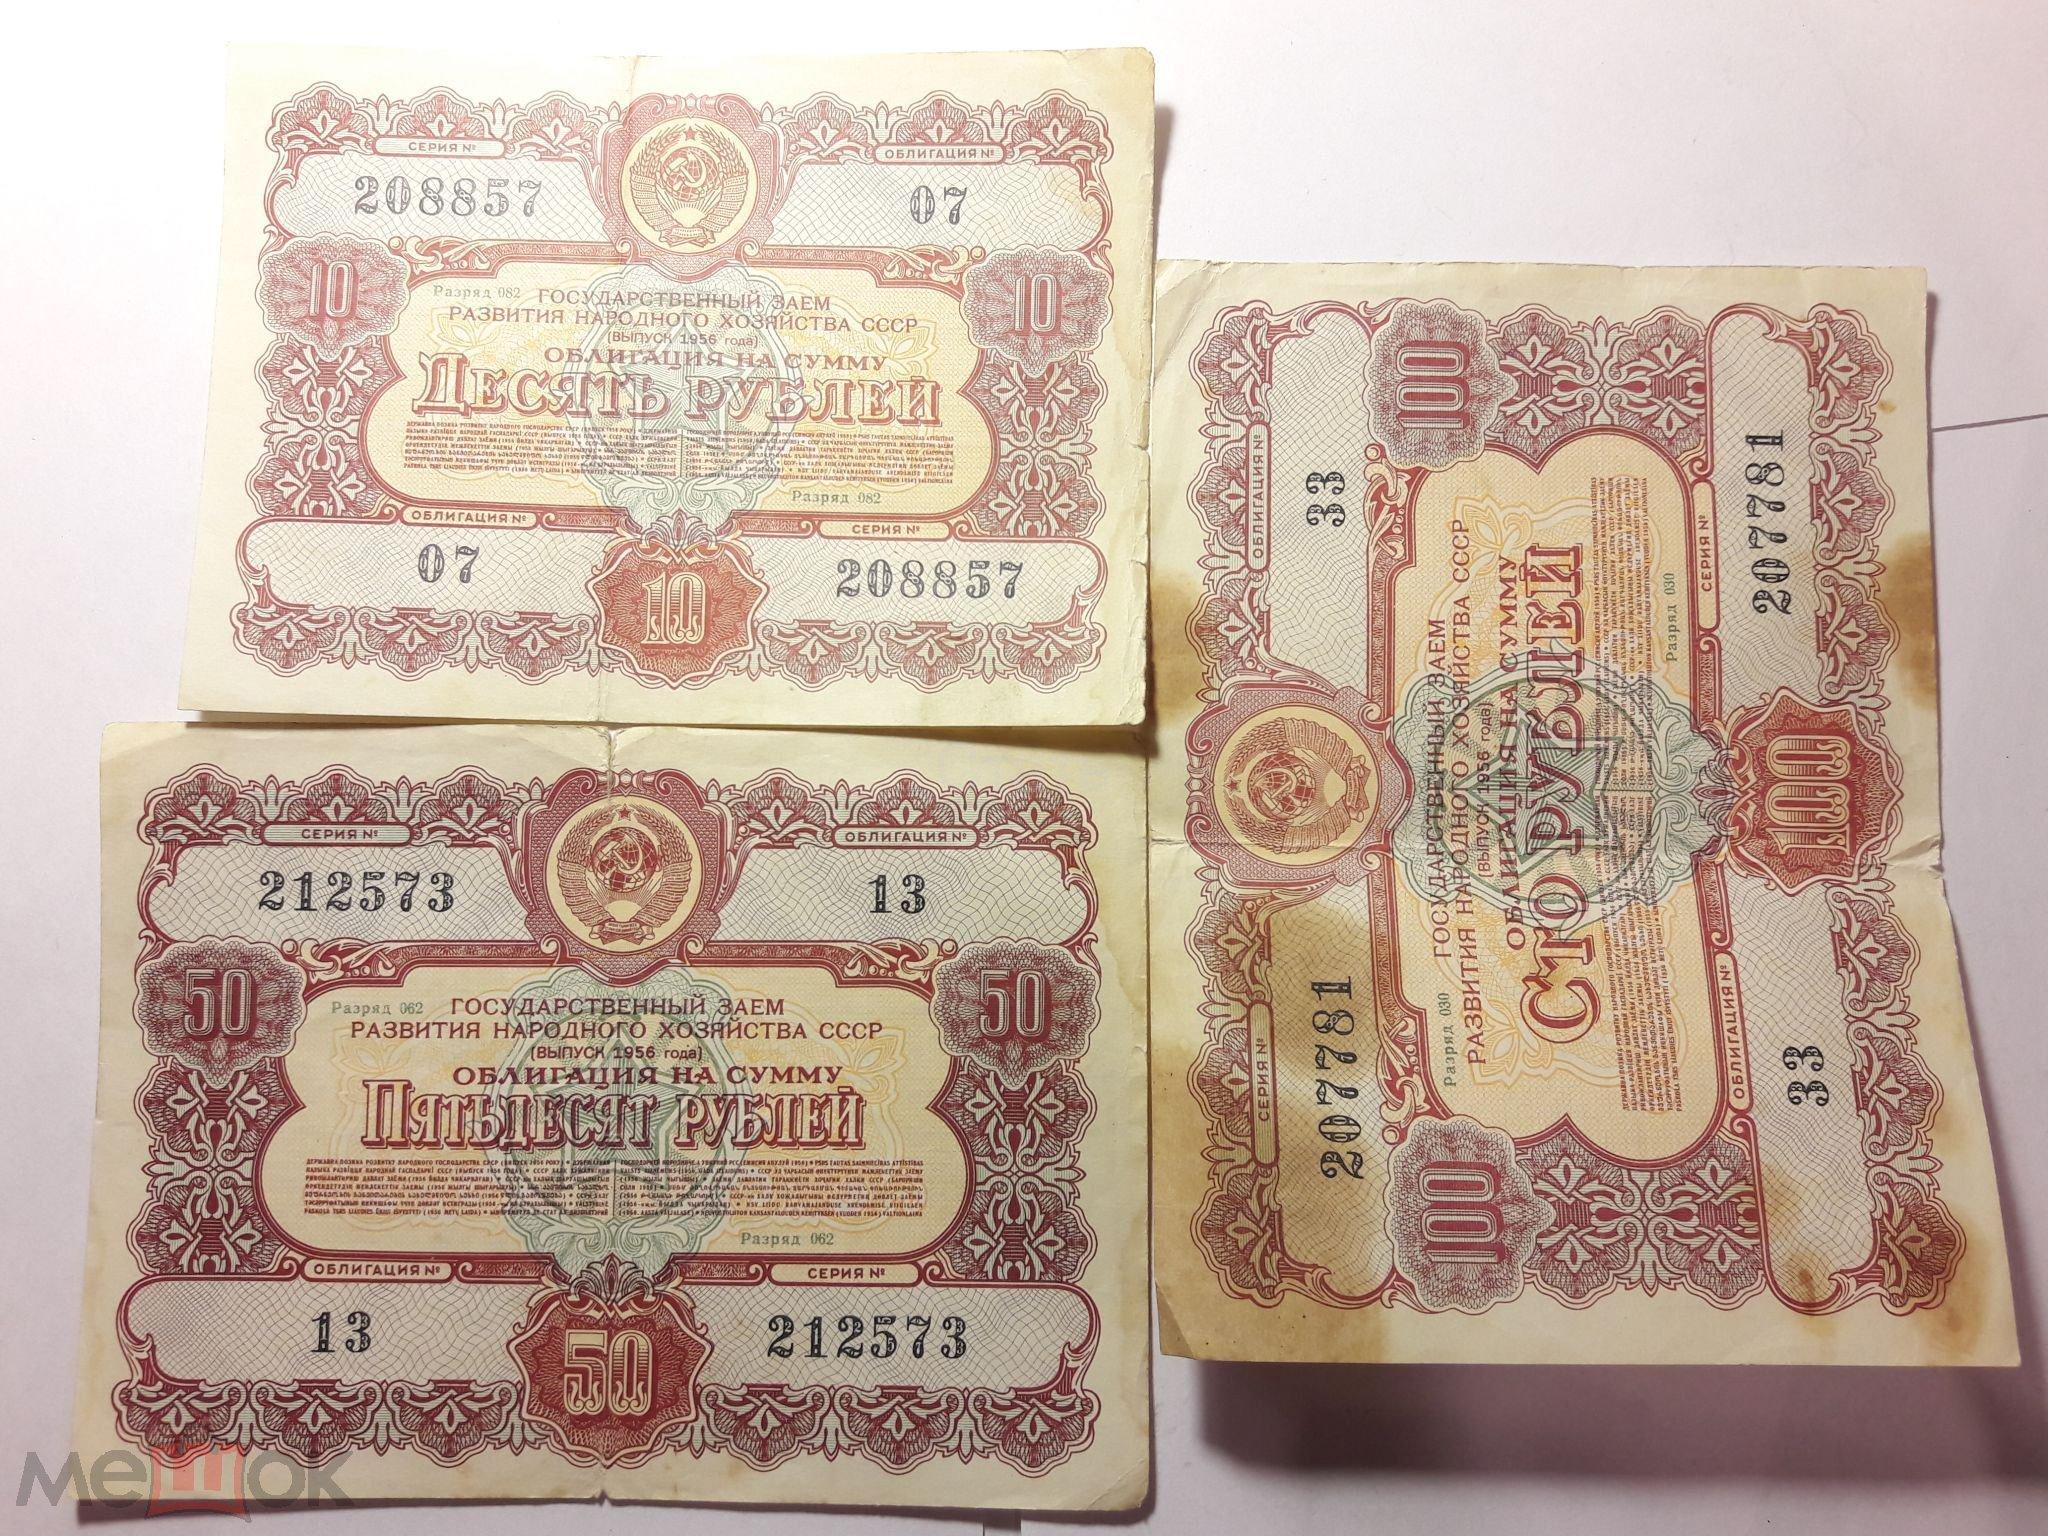 облигации государственного займа 1956 года цена деньги в долг в москве под расписку при личной встрече